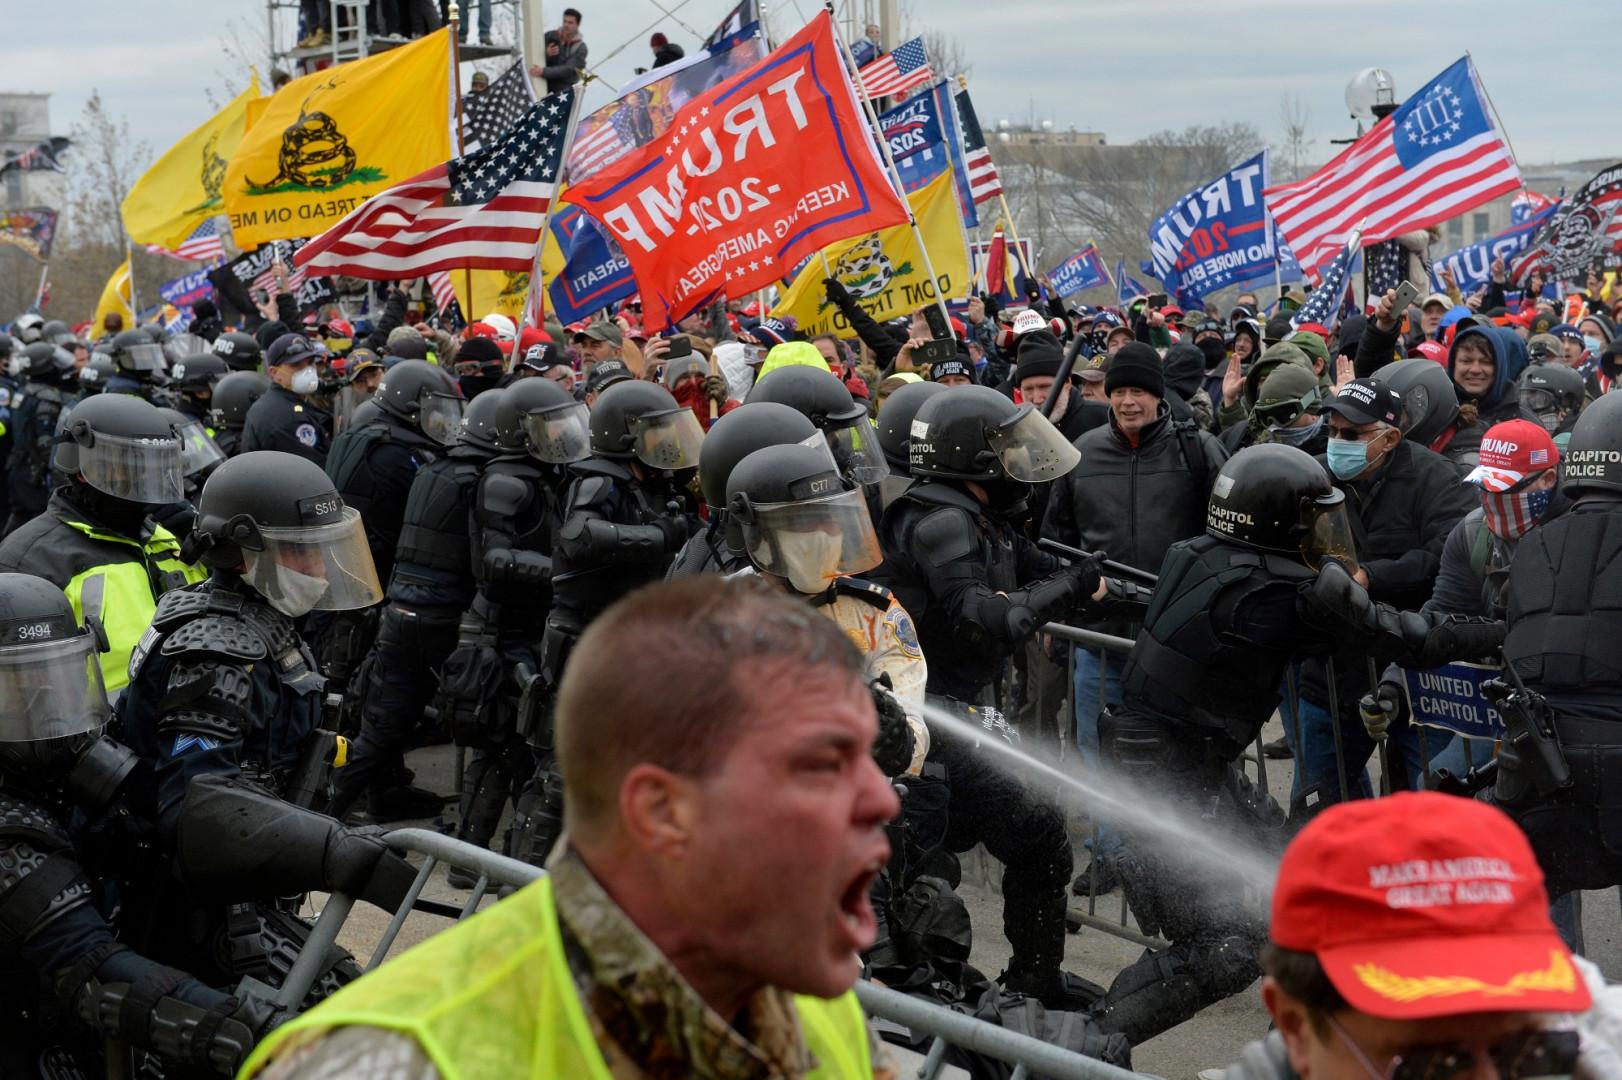 Des manifestants pro-Trump devant le Capitole, le 6 janvier 2020